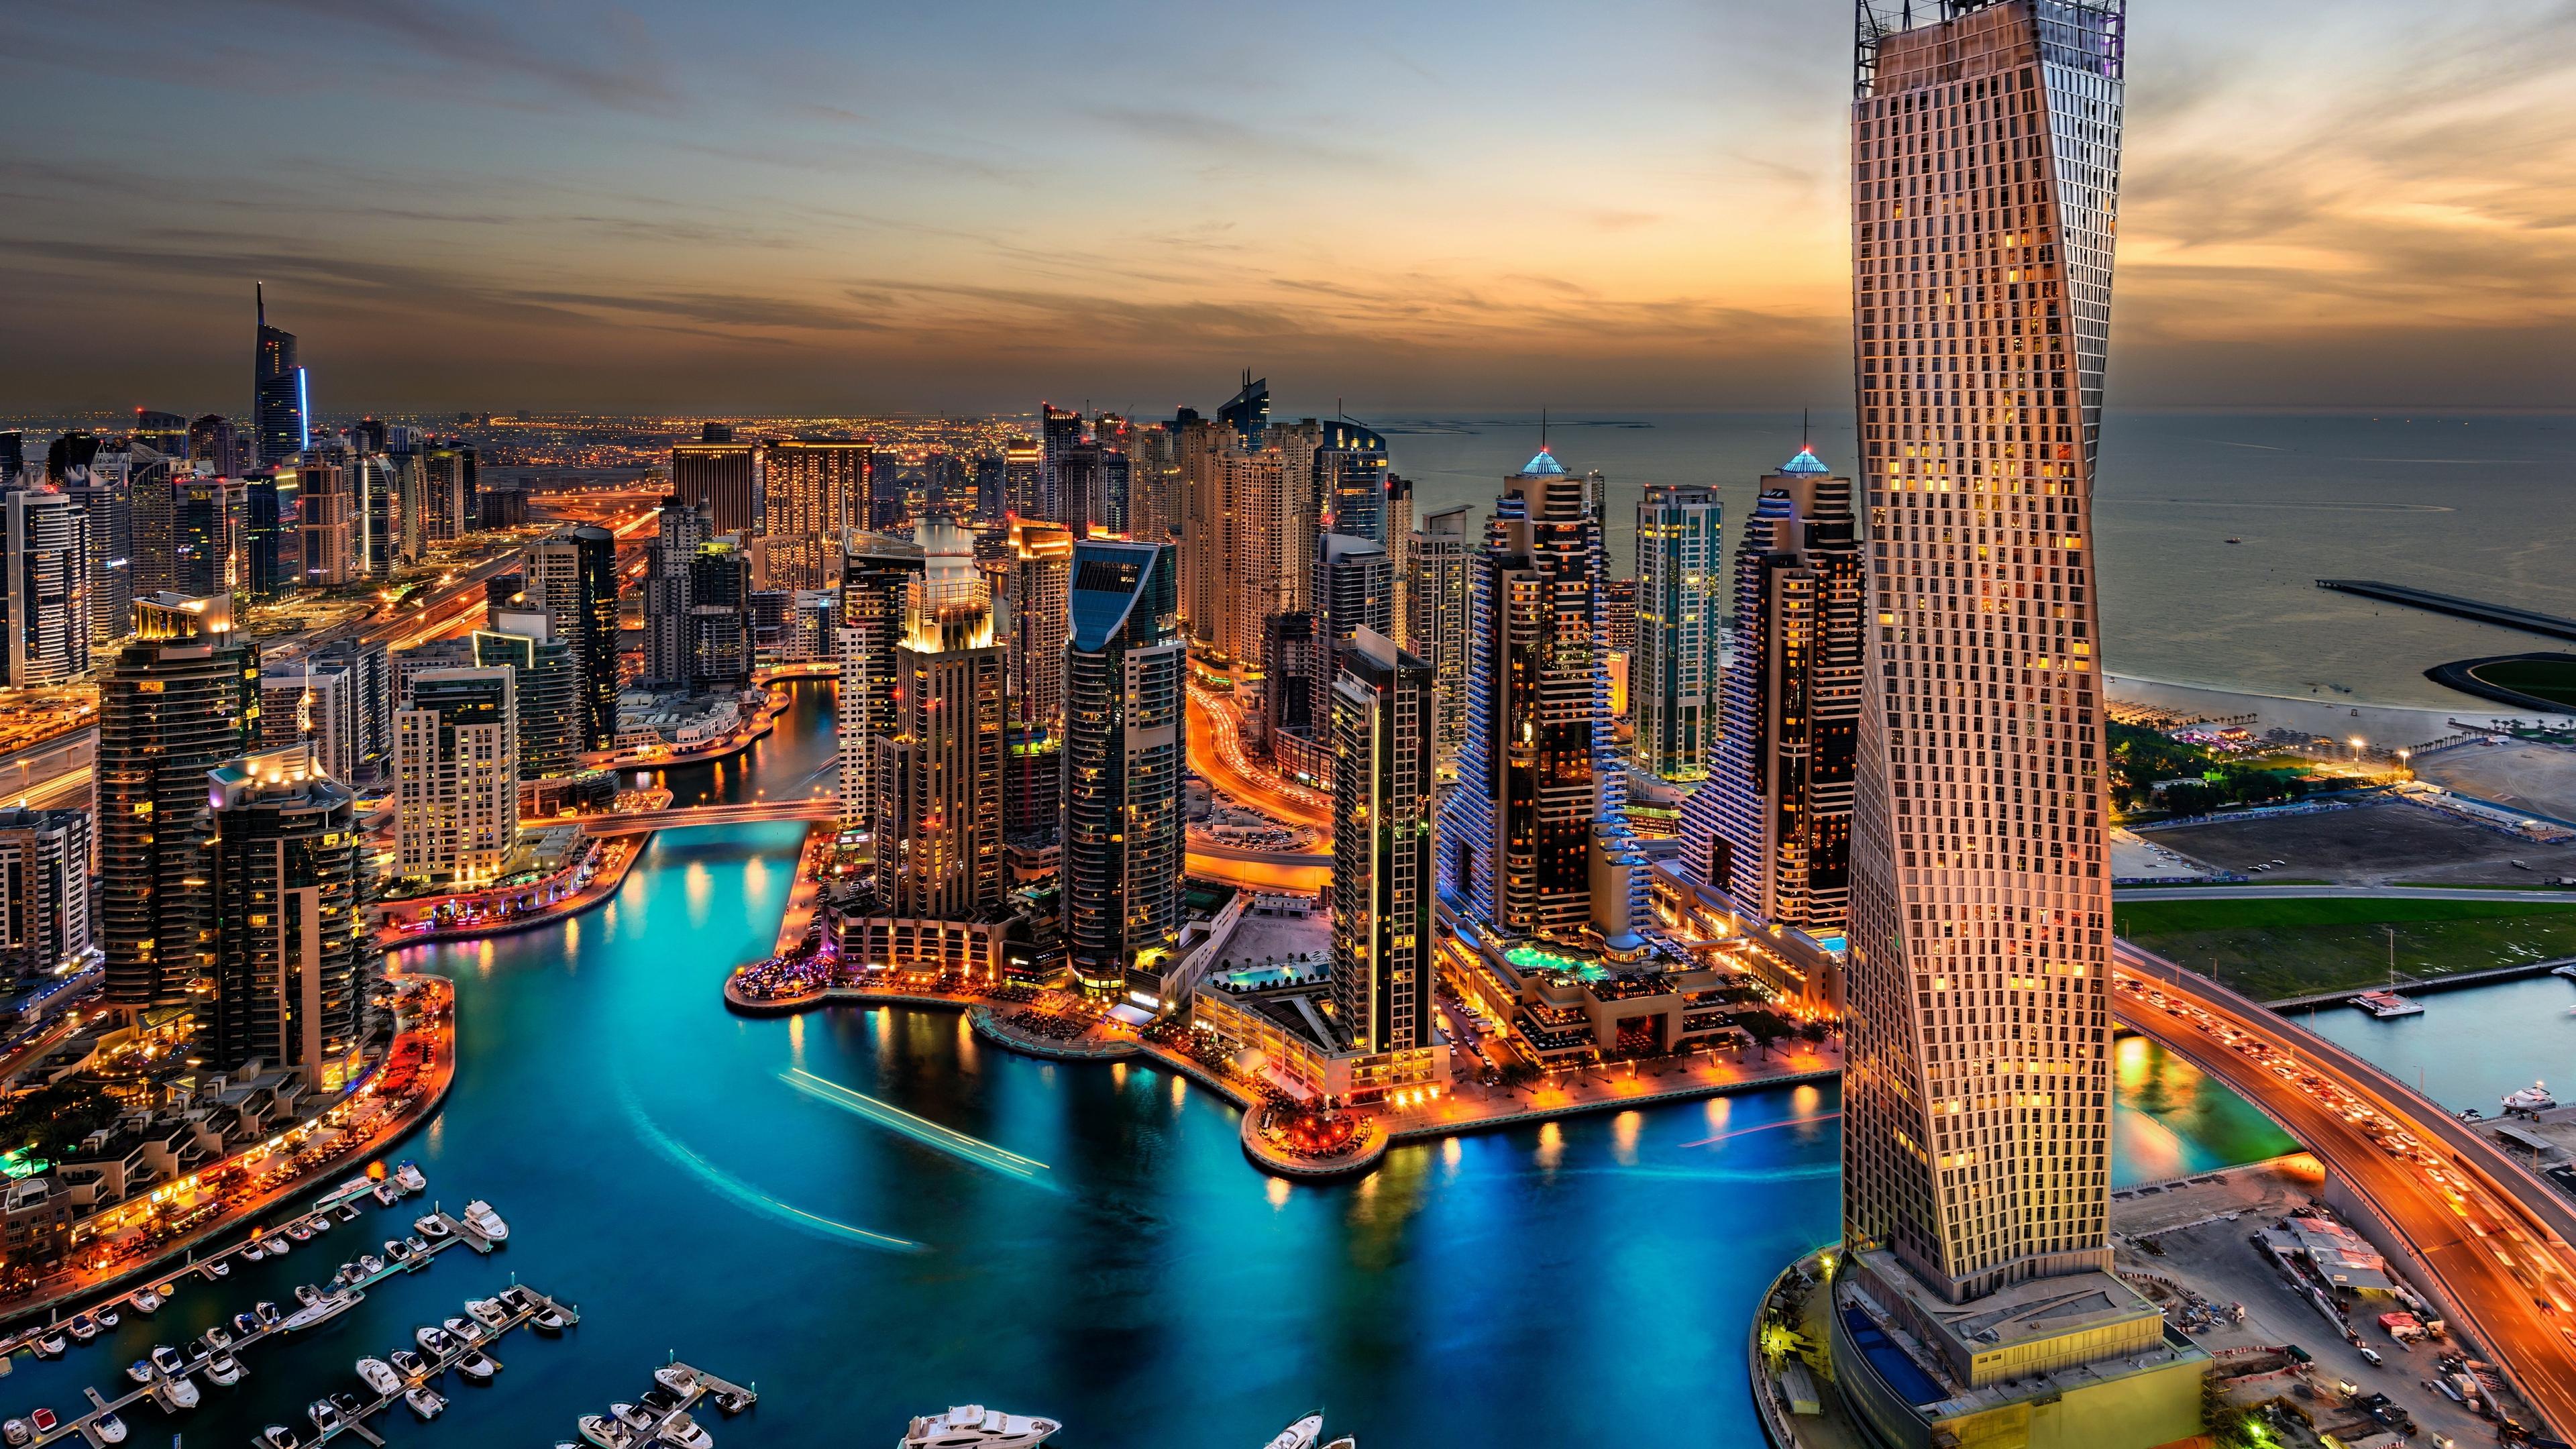 Dubai 4k wallpaper wallpapersafari - Ultra 4k background images ...